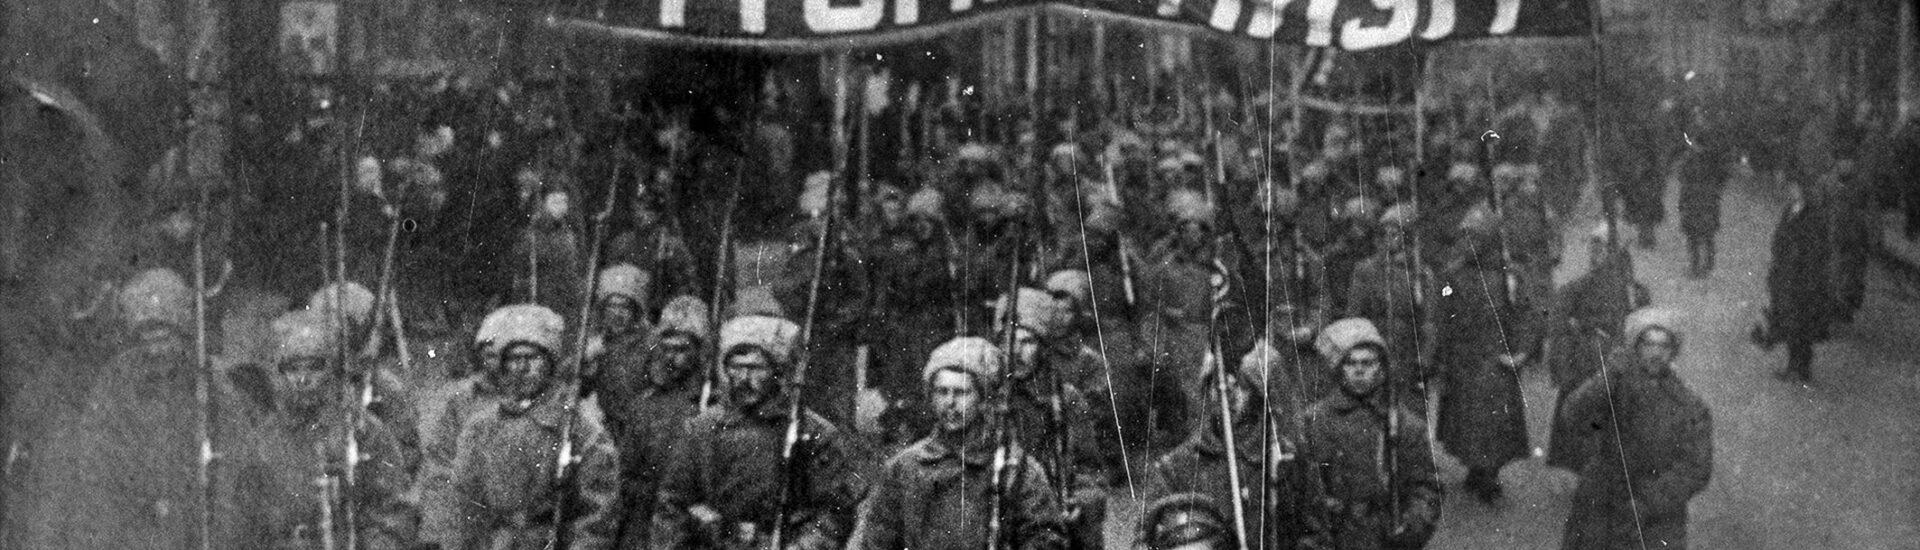 Οκτωβριανή Επανάσταση: Η Κεντρική Επιτροπή των Μπολσεβίκων αποφασίζει την εξέγερση